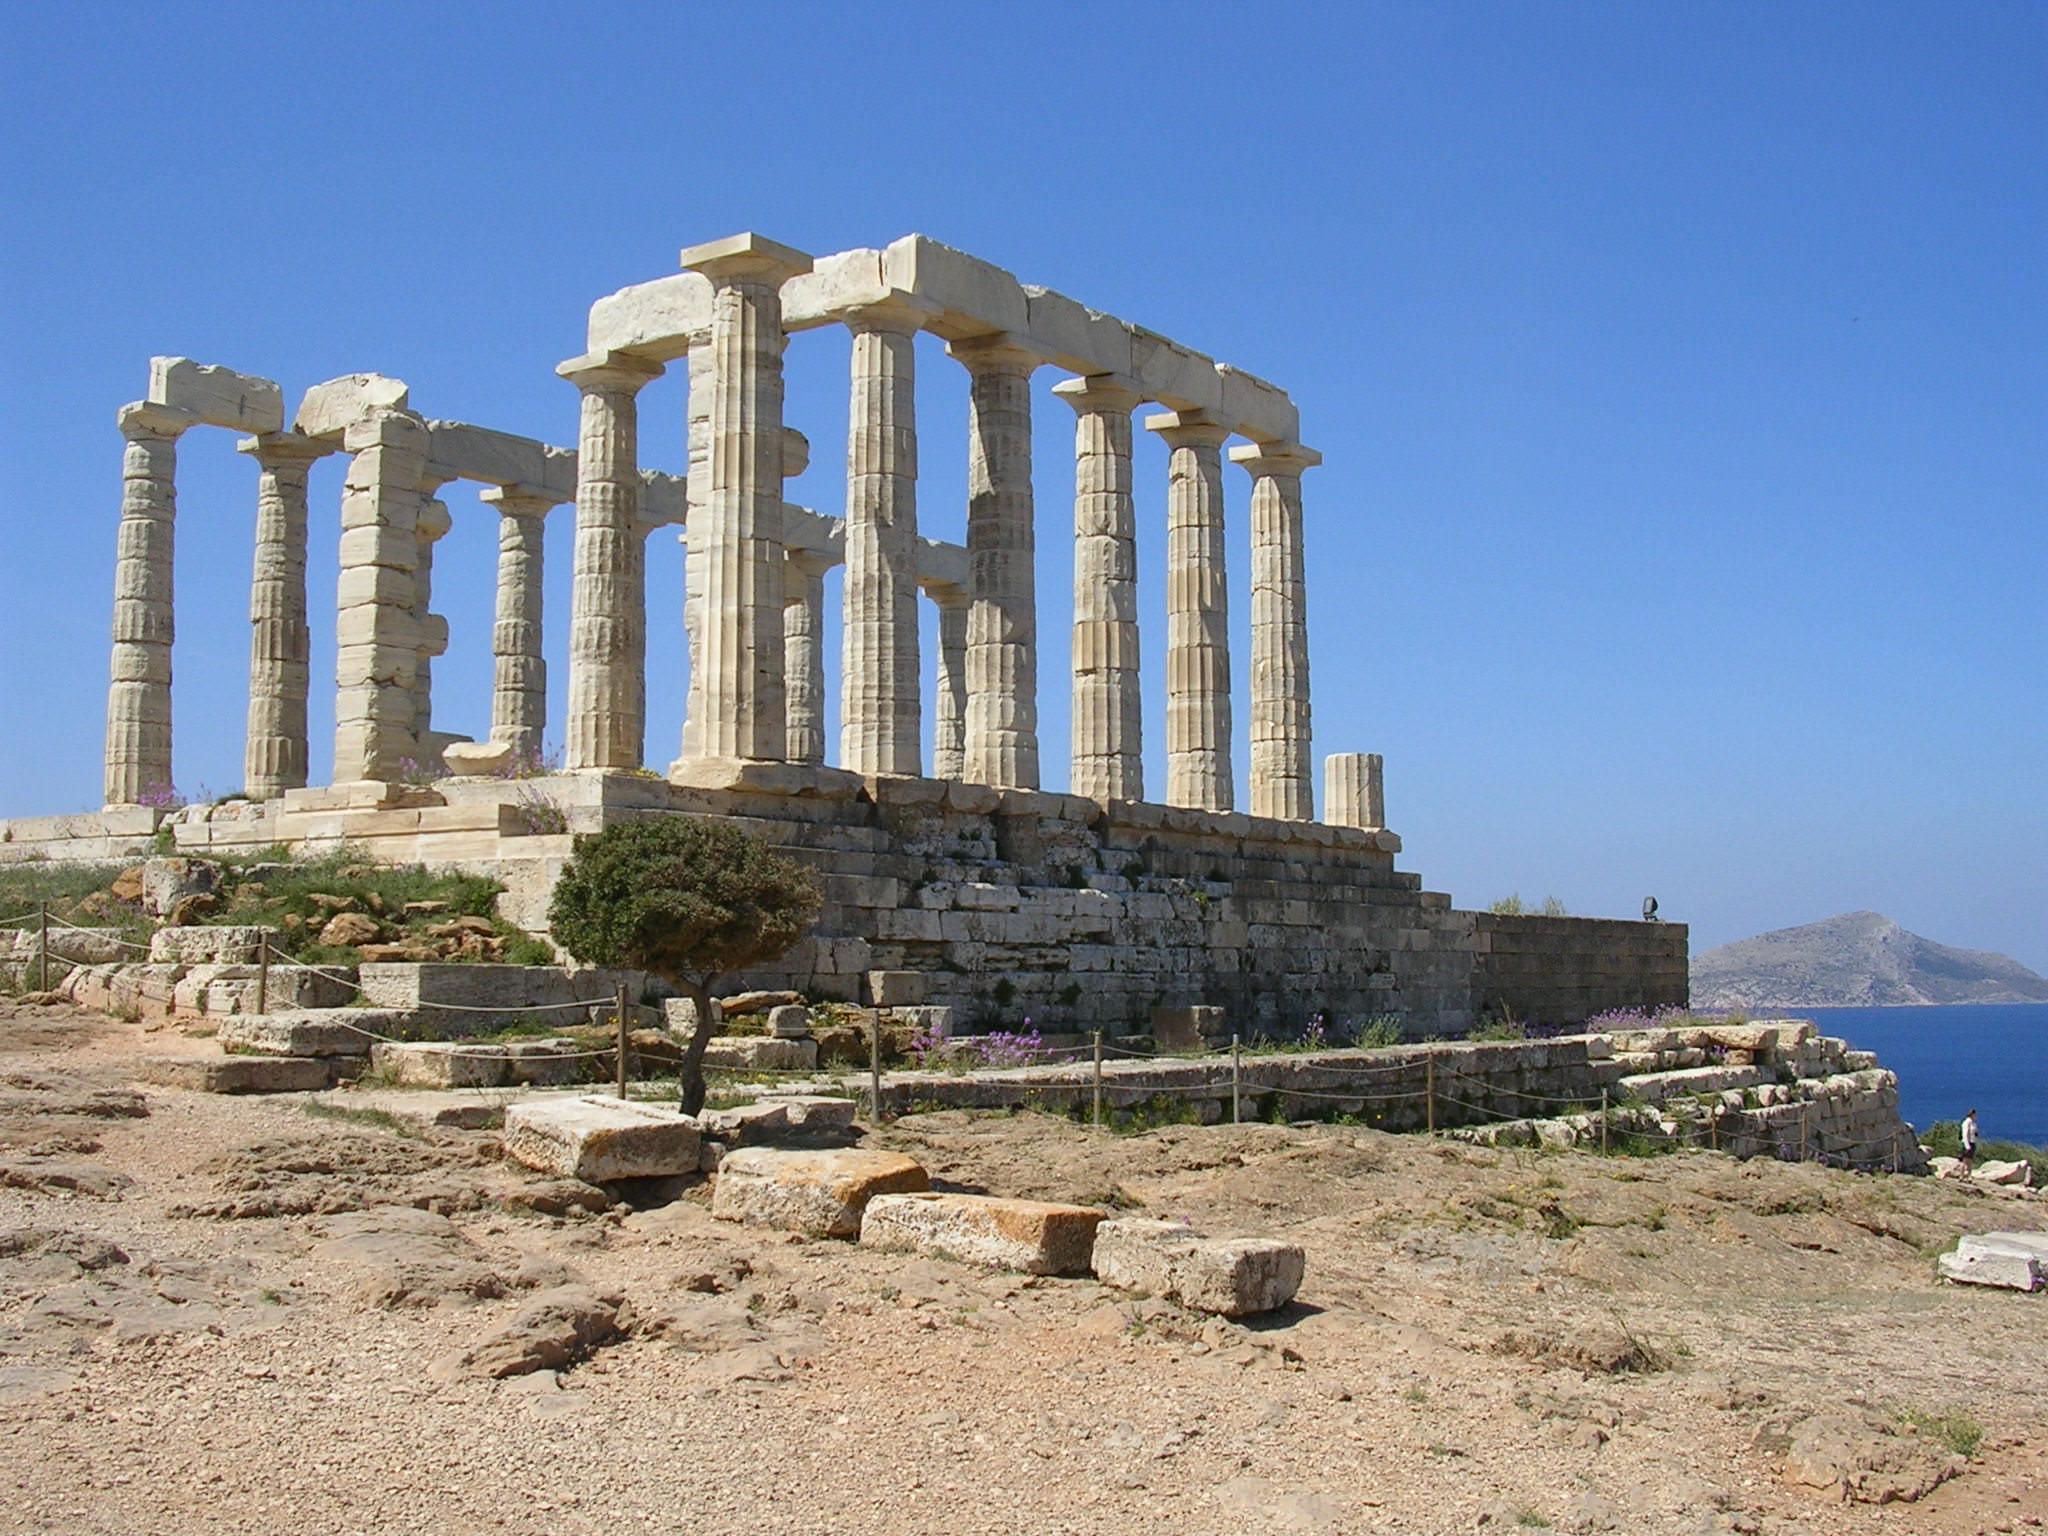 http://www.ancient.eu/uploads/images/362.jpg?v=1431034312